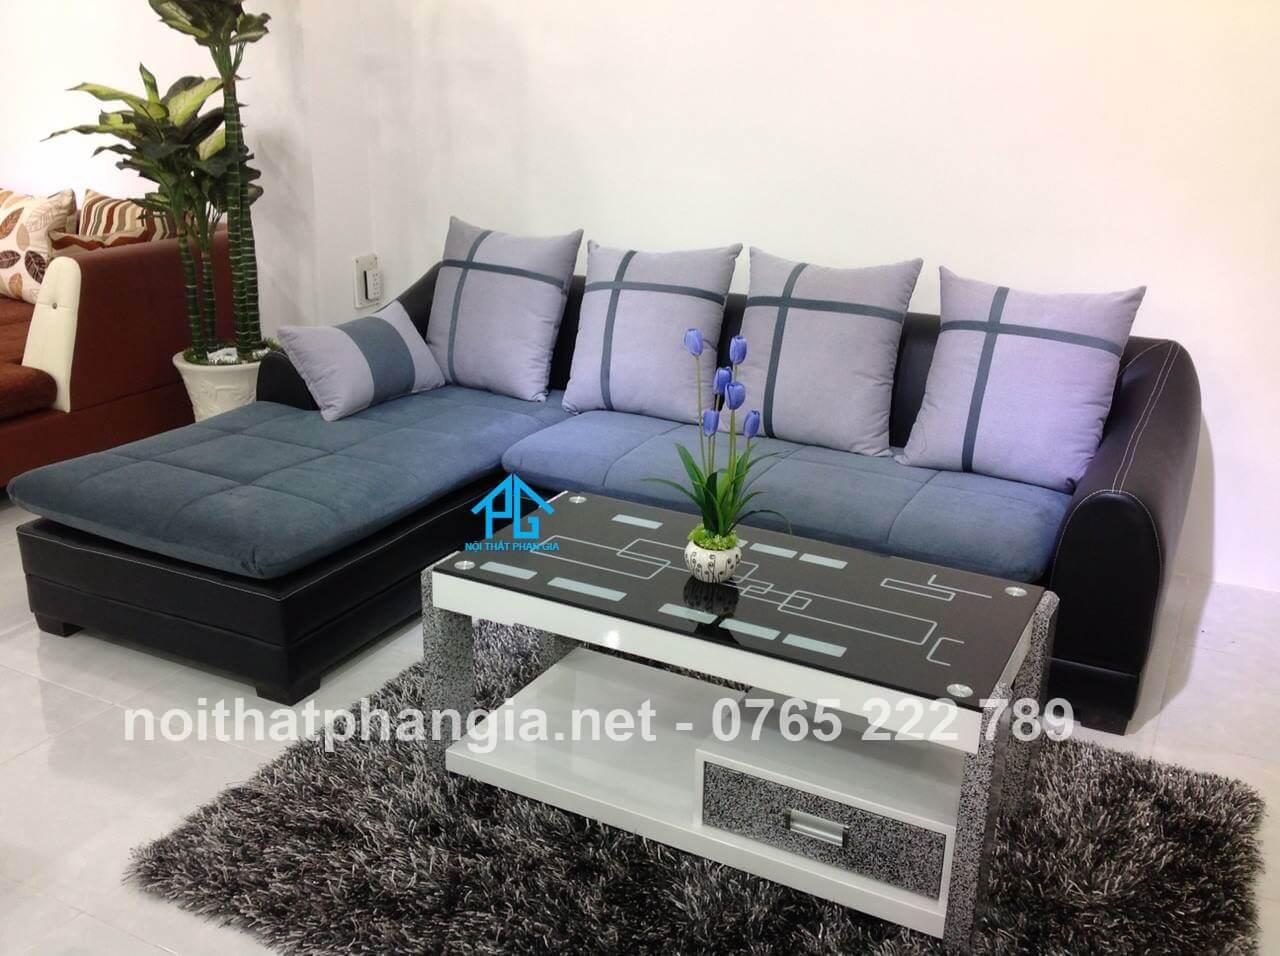 lựa chọn gối tựa cho sofa phòng khách;